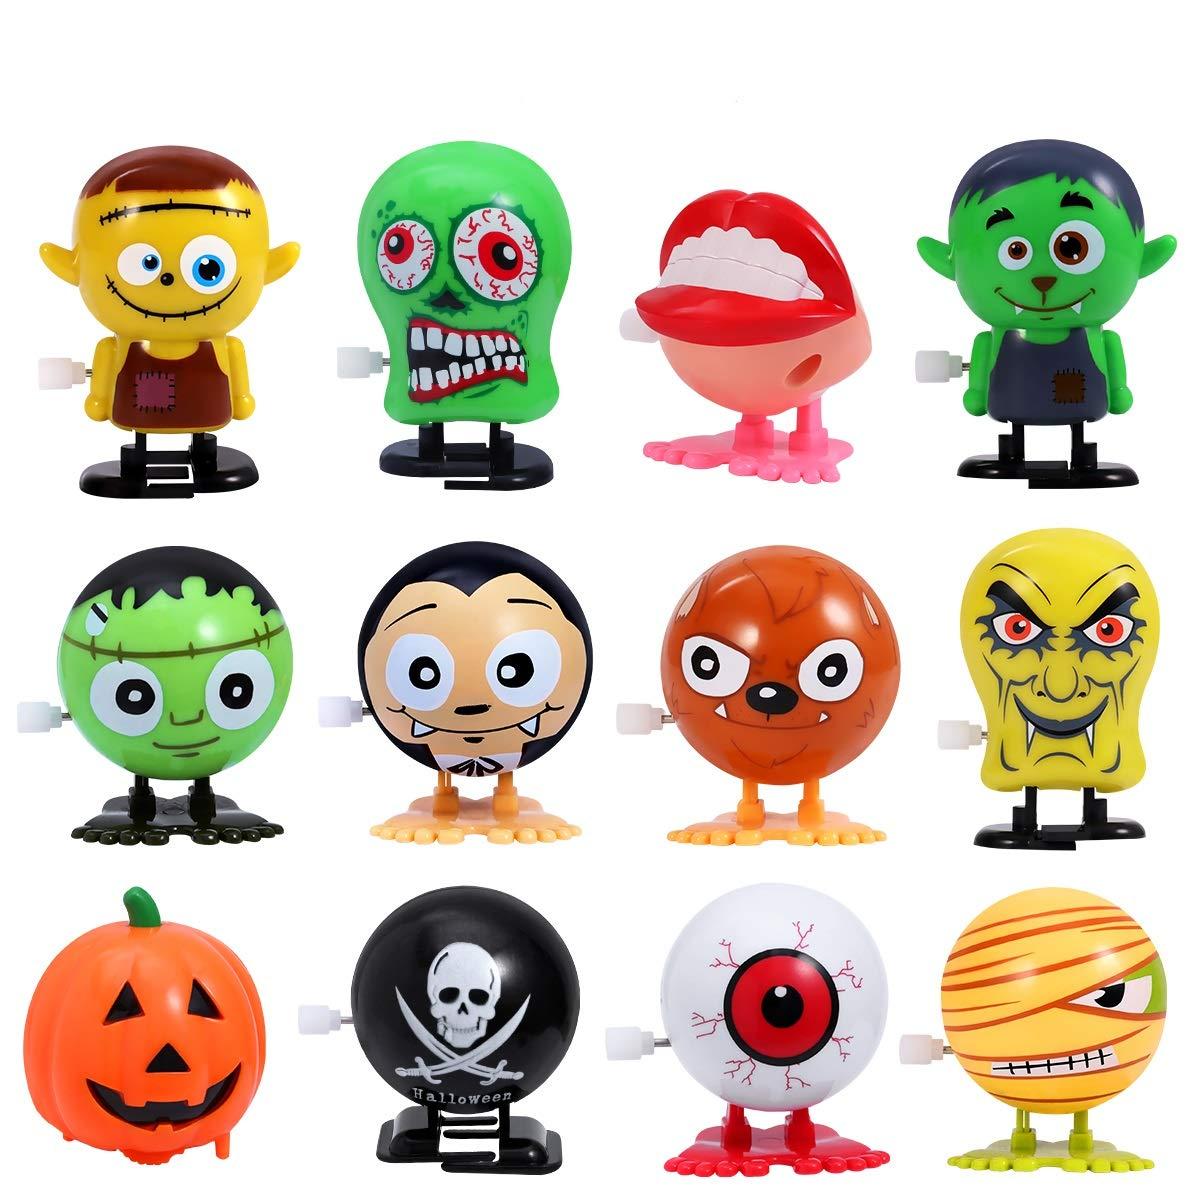 PRETYZOOM 12 Piezas de Juguetes de Relojería de Halloween para La Fiesta Favorece Mini Juguetes Surtidos Suministros de La Fiesta de Halloween para Niños y Adultos